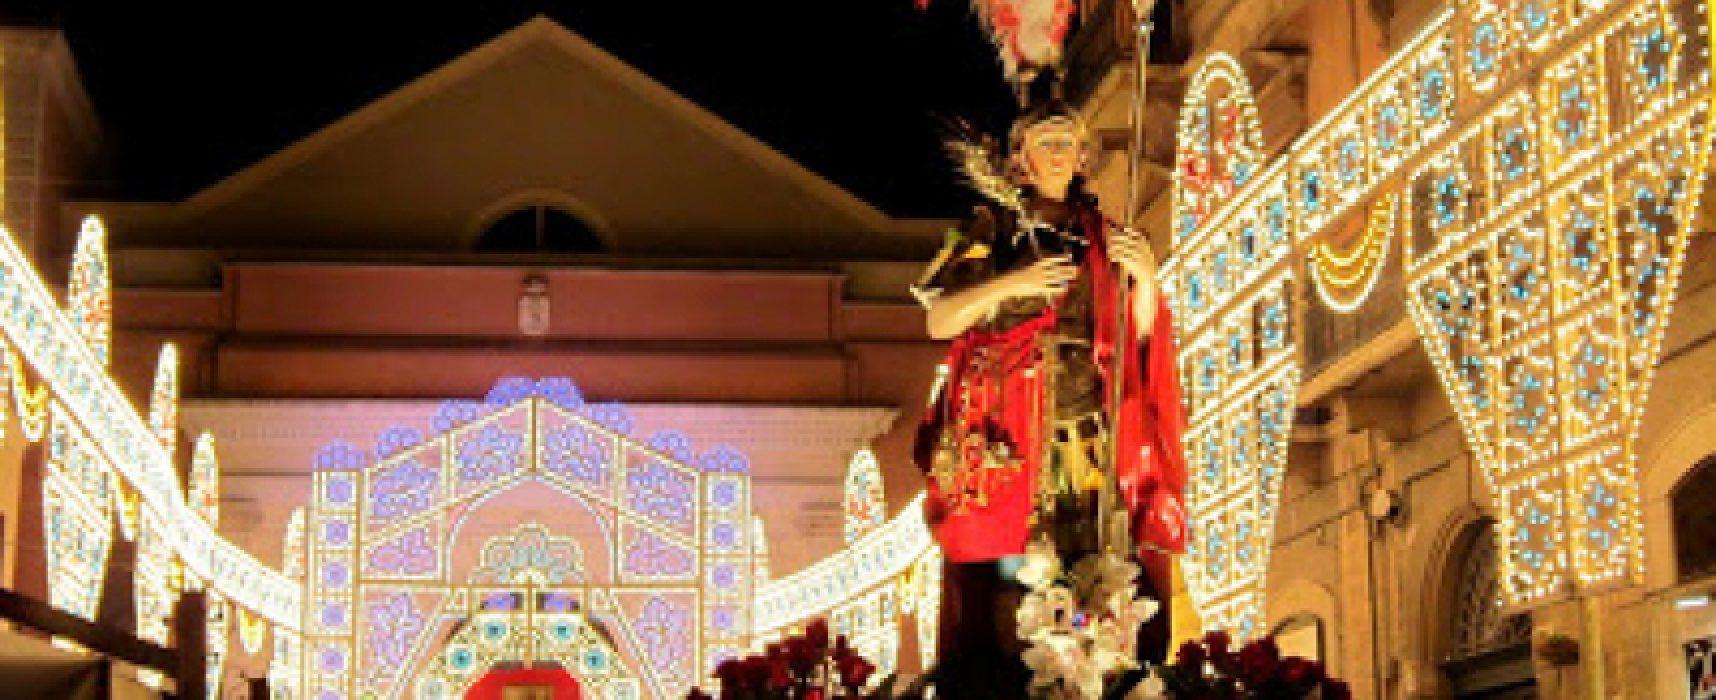 San Trifone, venerdì le celebrazioni liturgiche, sabato la consueta sagra finale